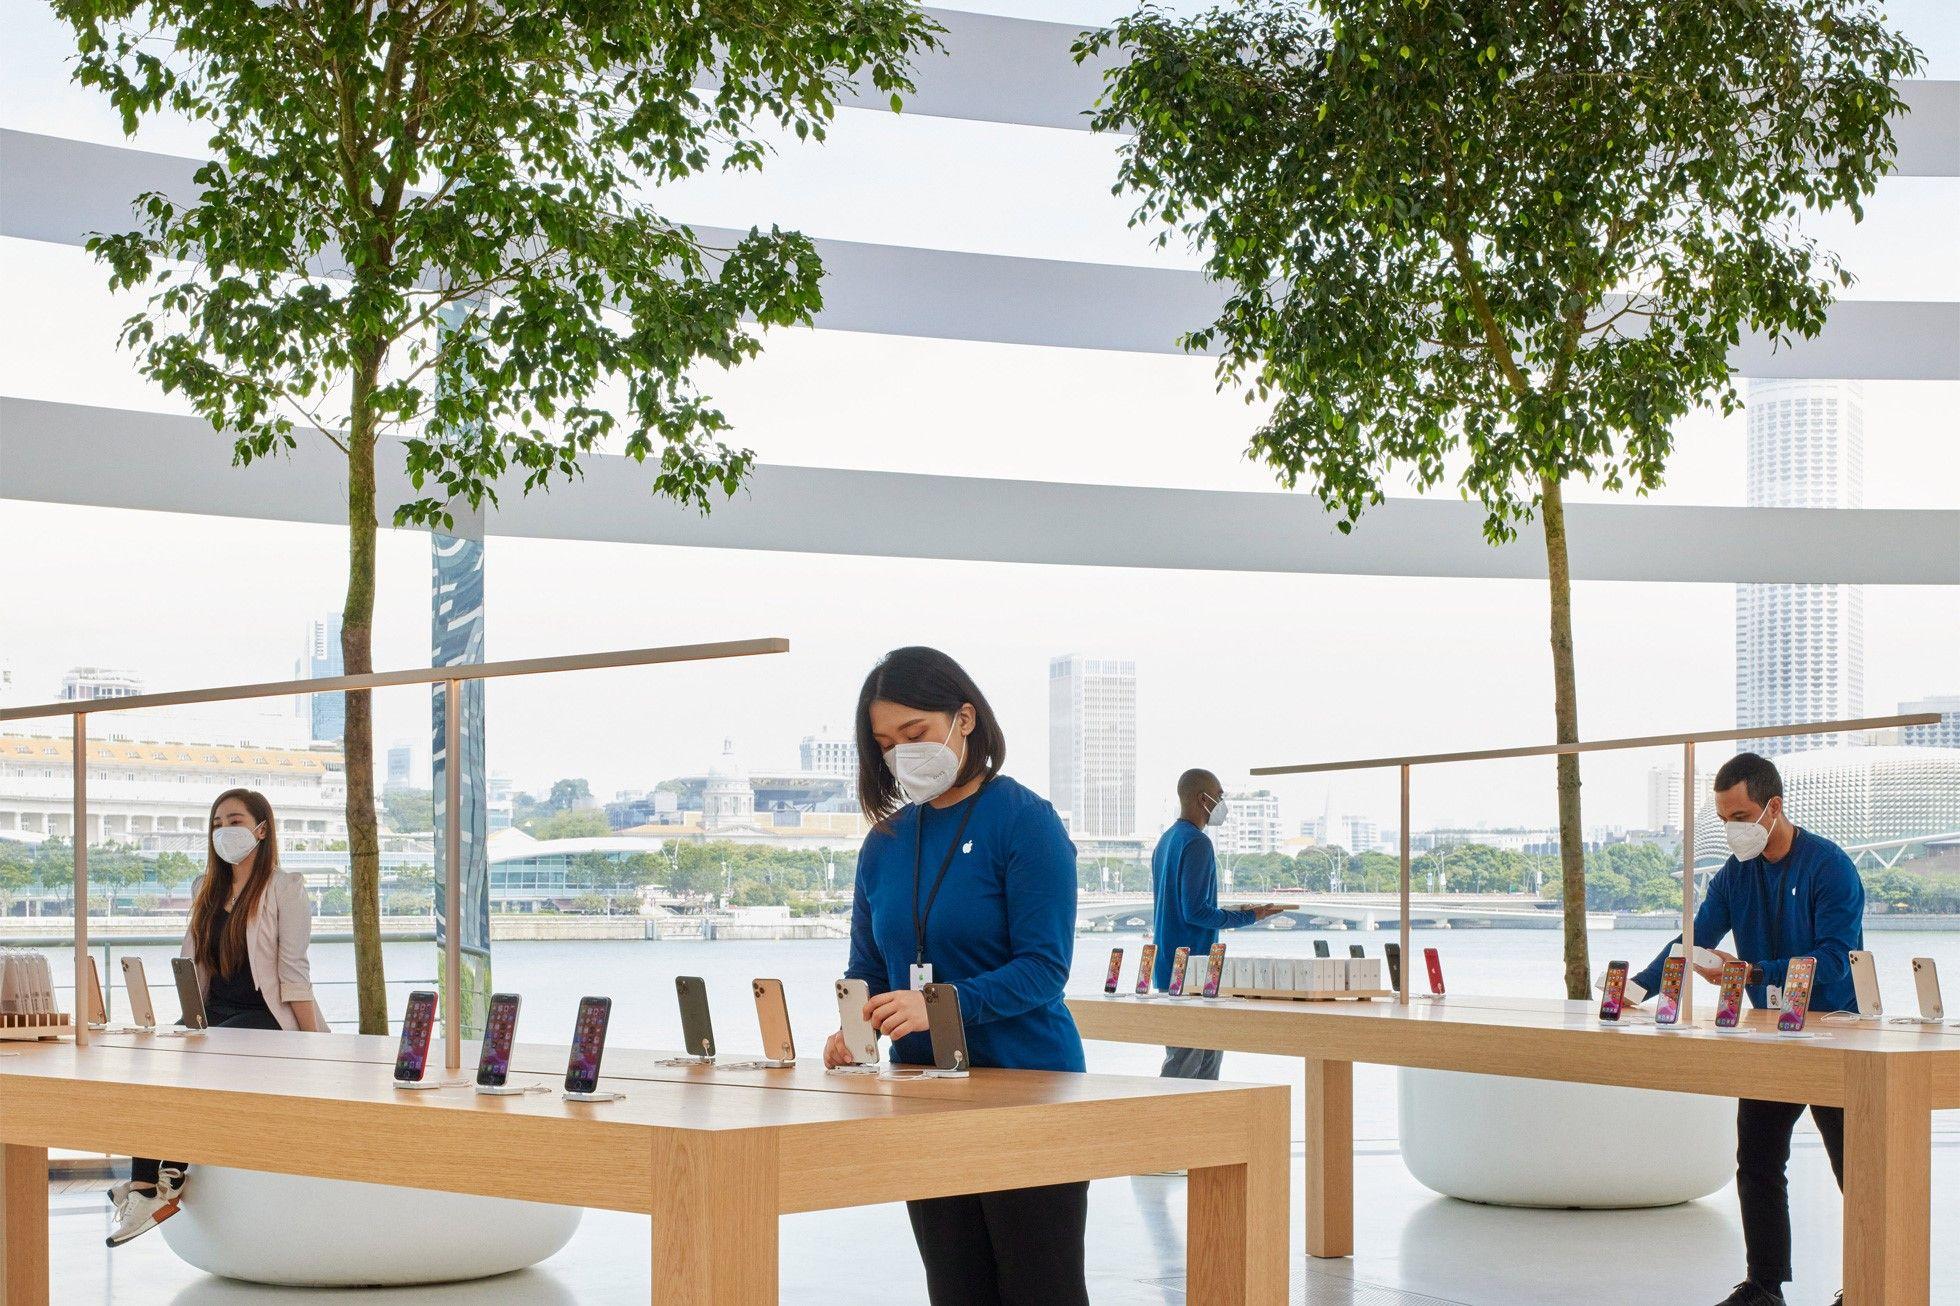 sau bao ngay cho doi, apple store ''noi tren mat nuoc'' chinh thuc khai truong khien fans dung ngoi khong yen - anh 4